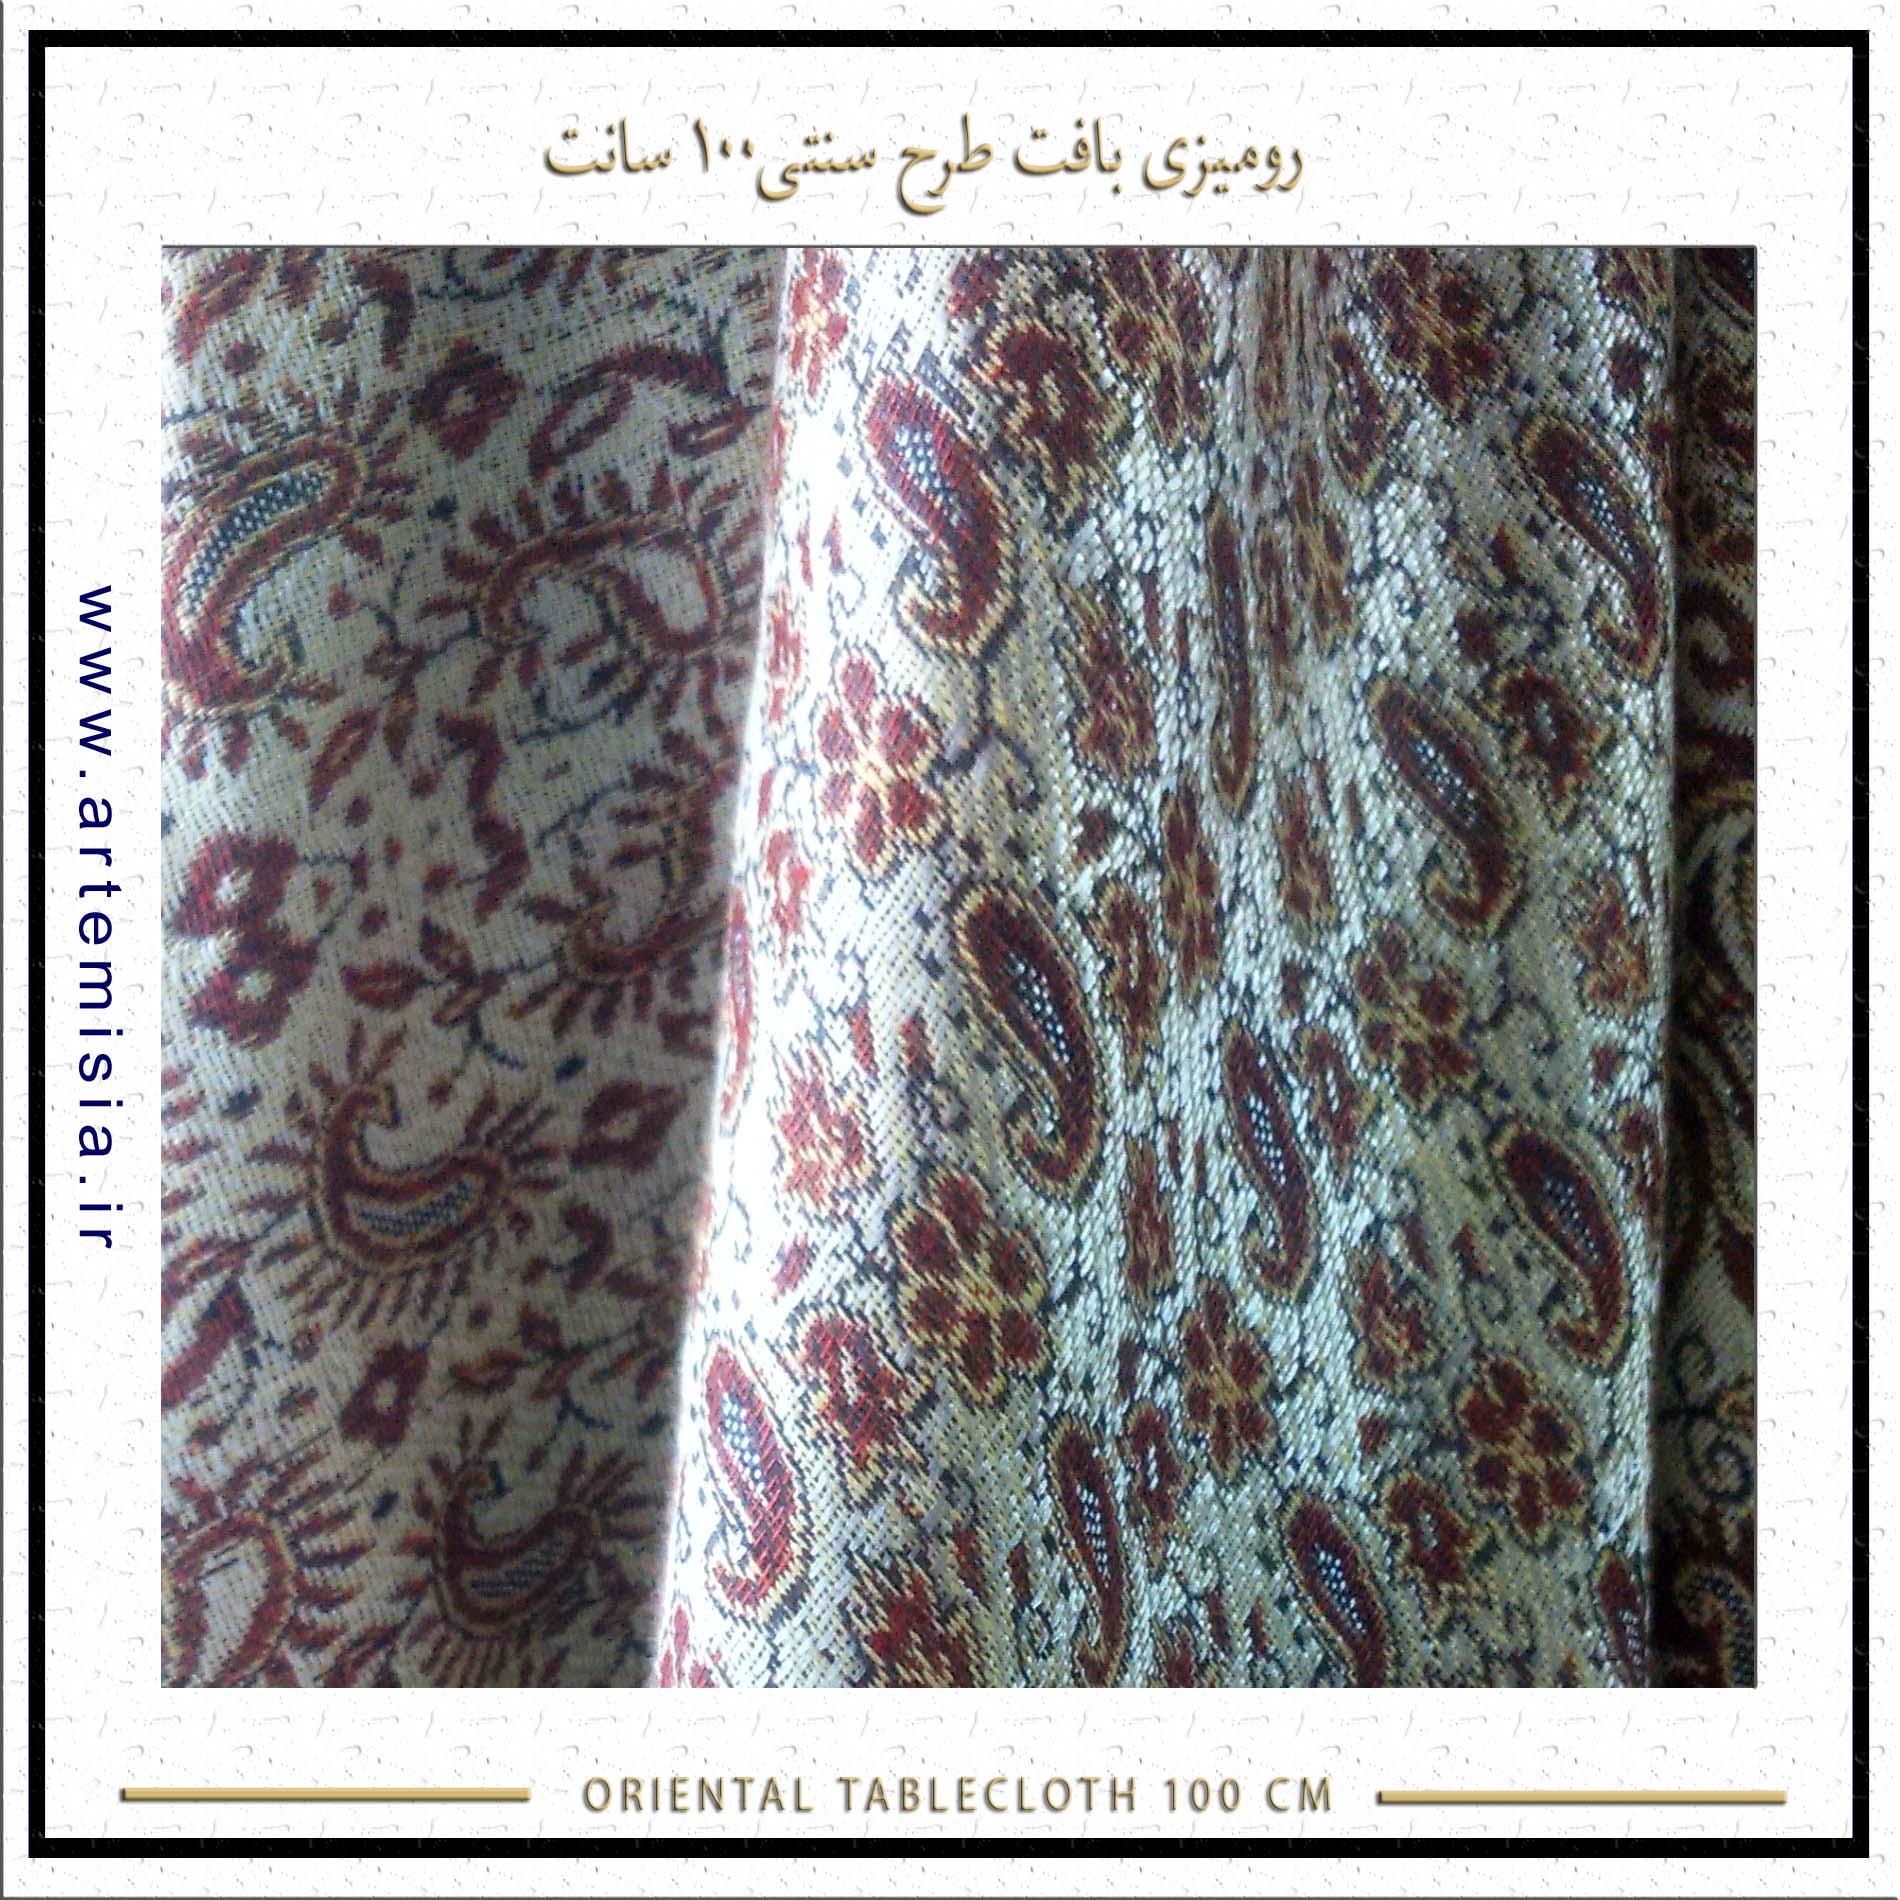 Square 100cm Textile Tablecloth